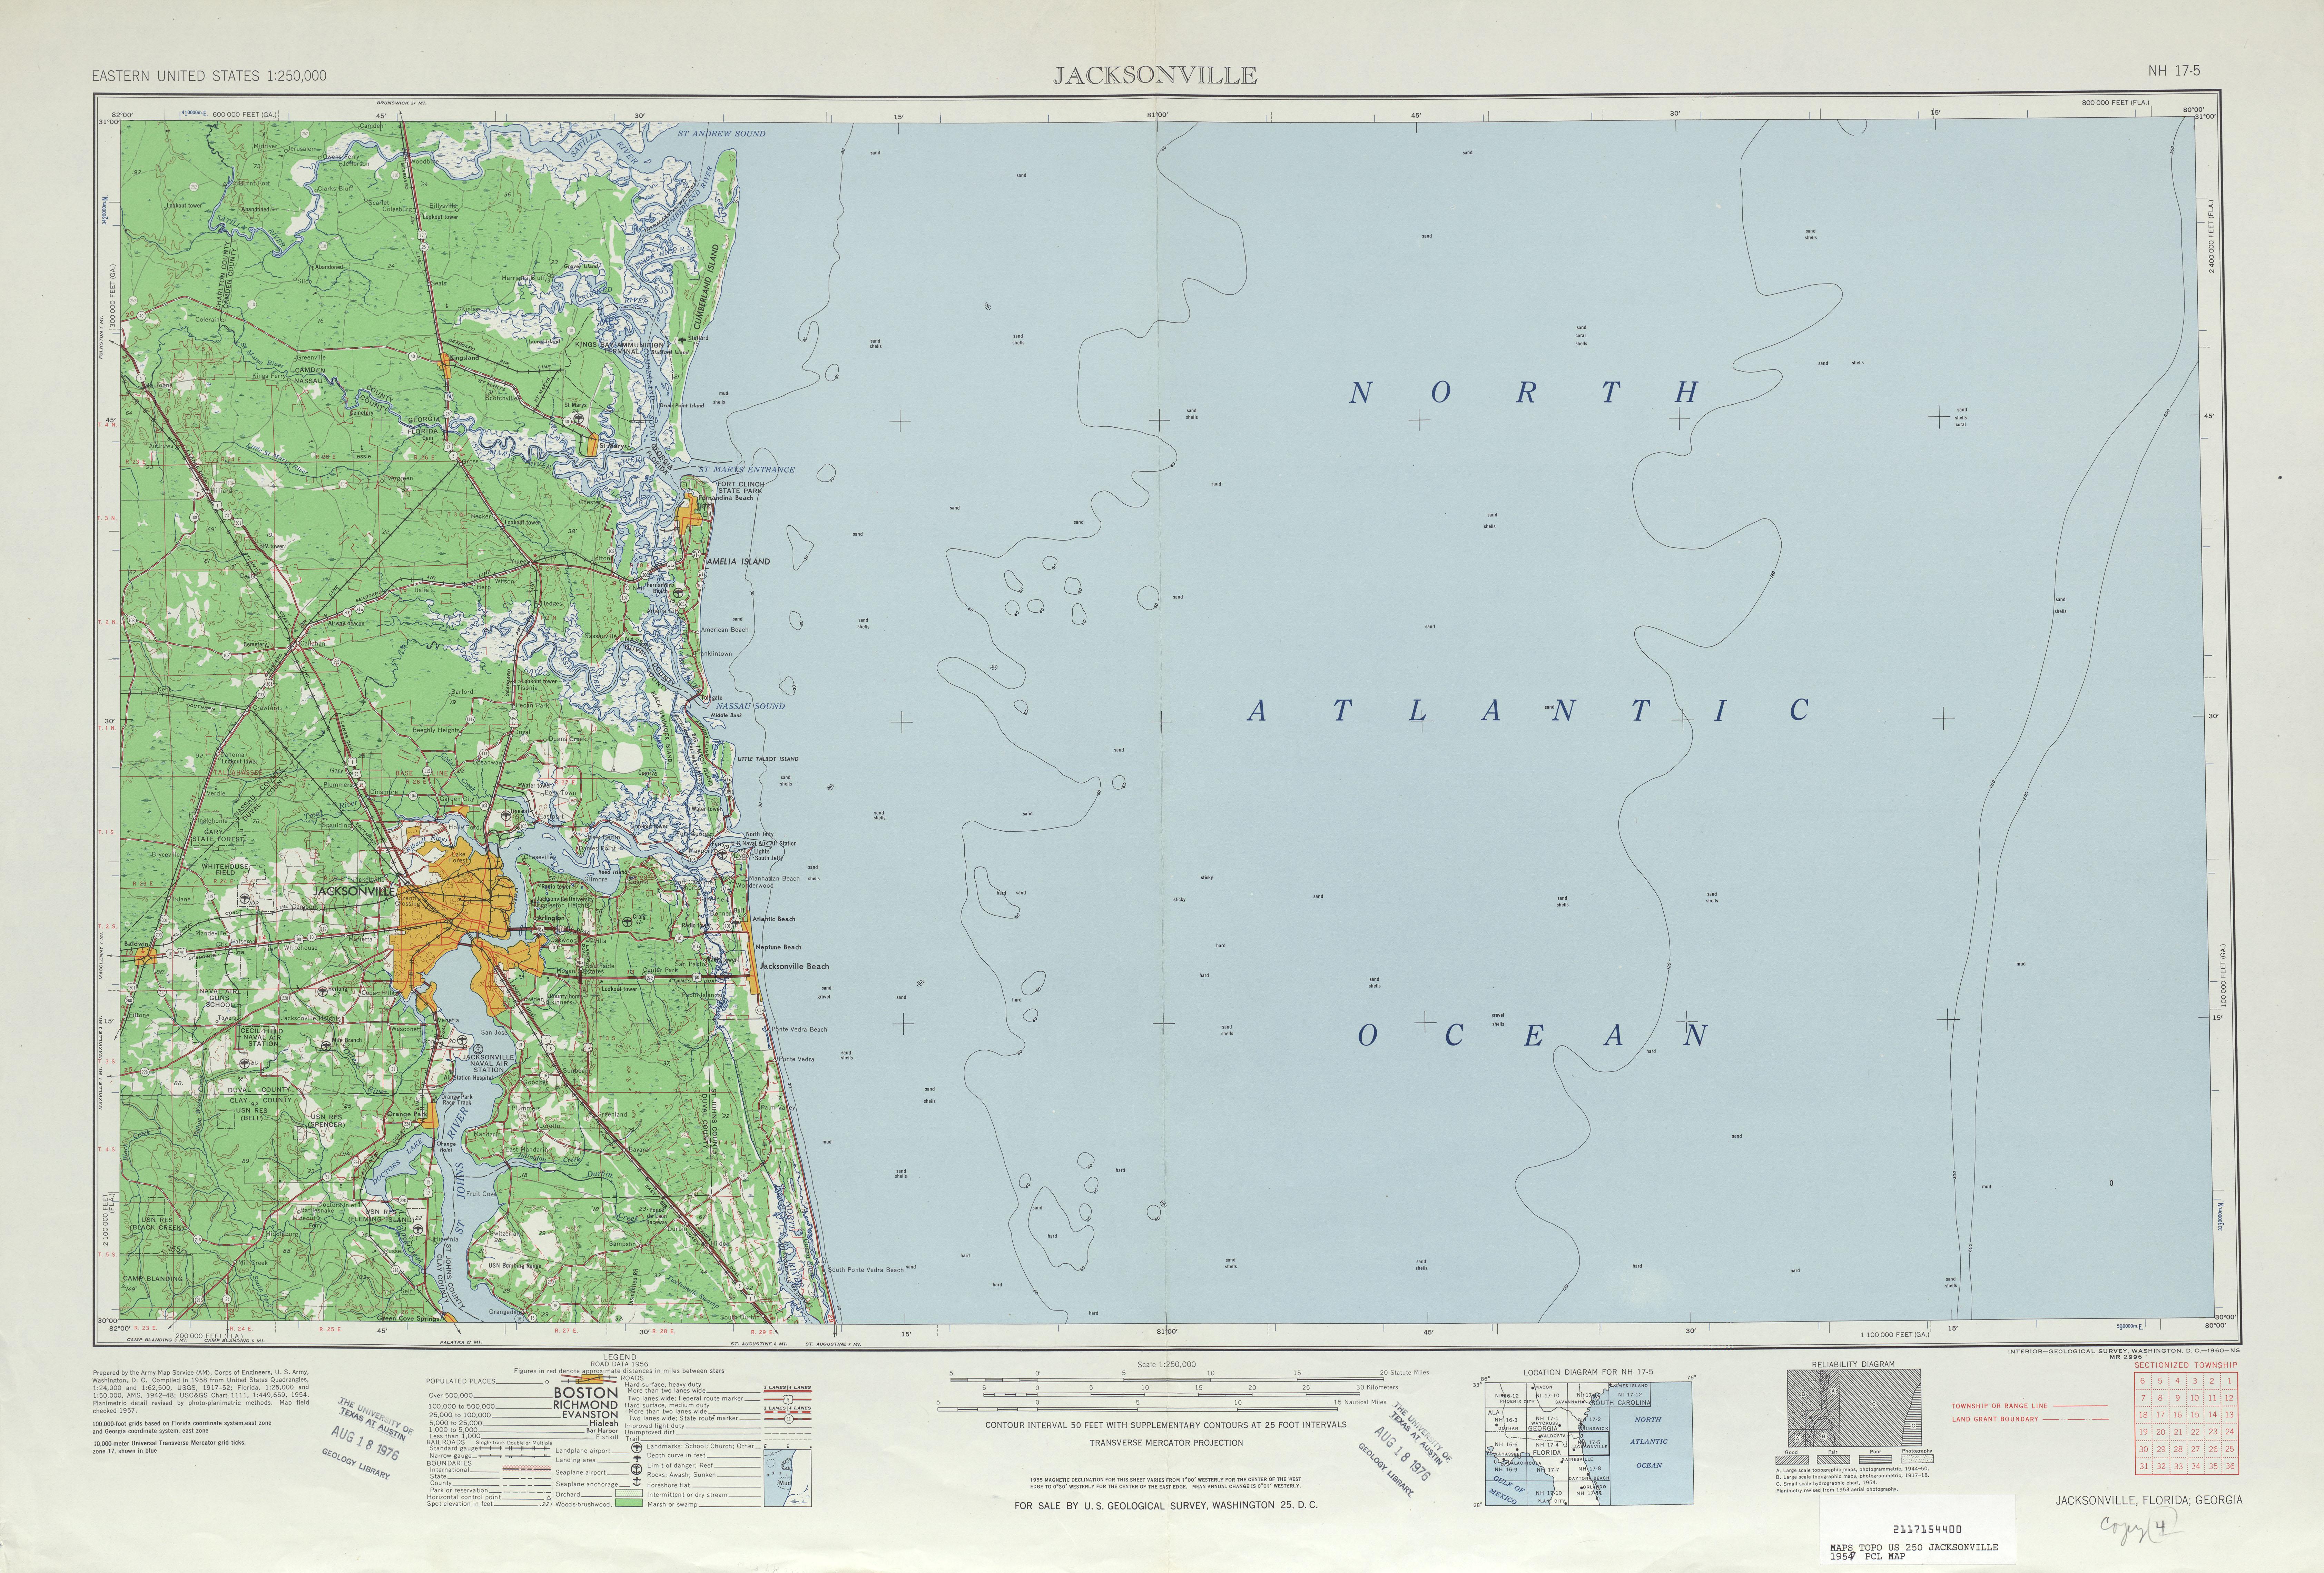 Hoja Jacksonville del Mapa Topográfico de los Estados Unidos 1957